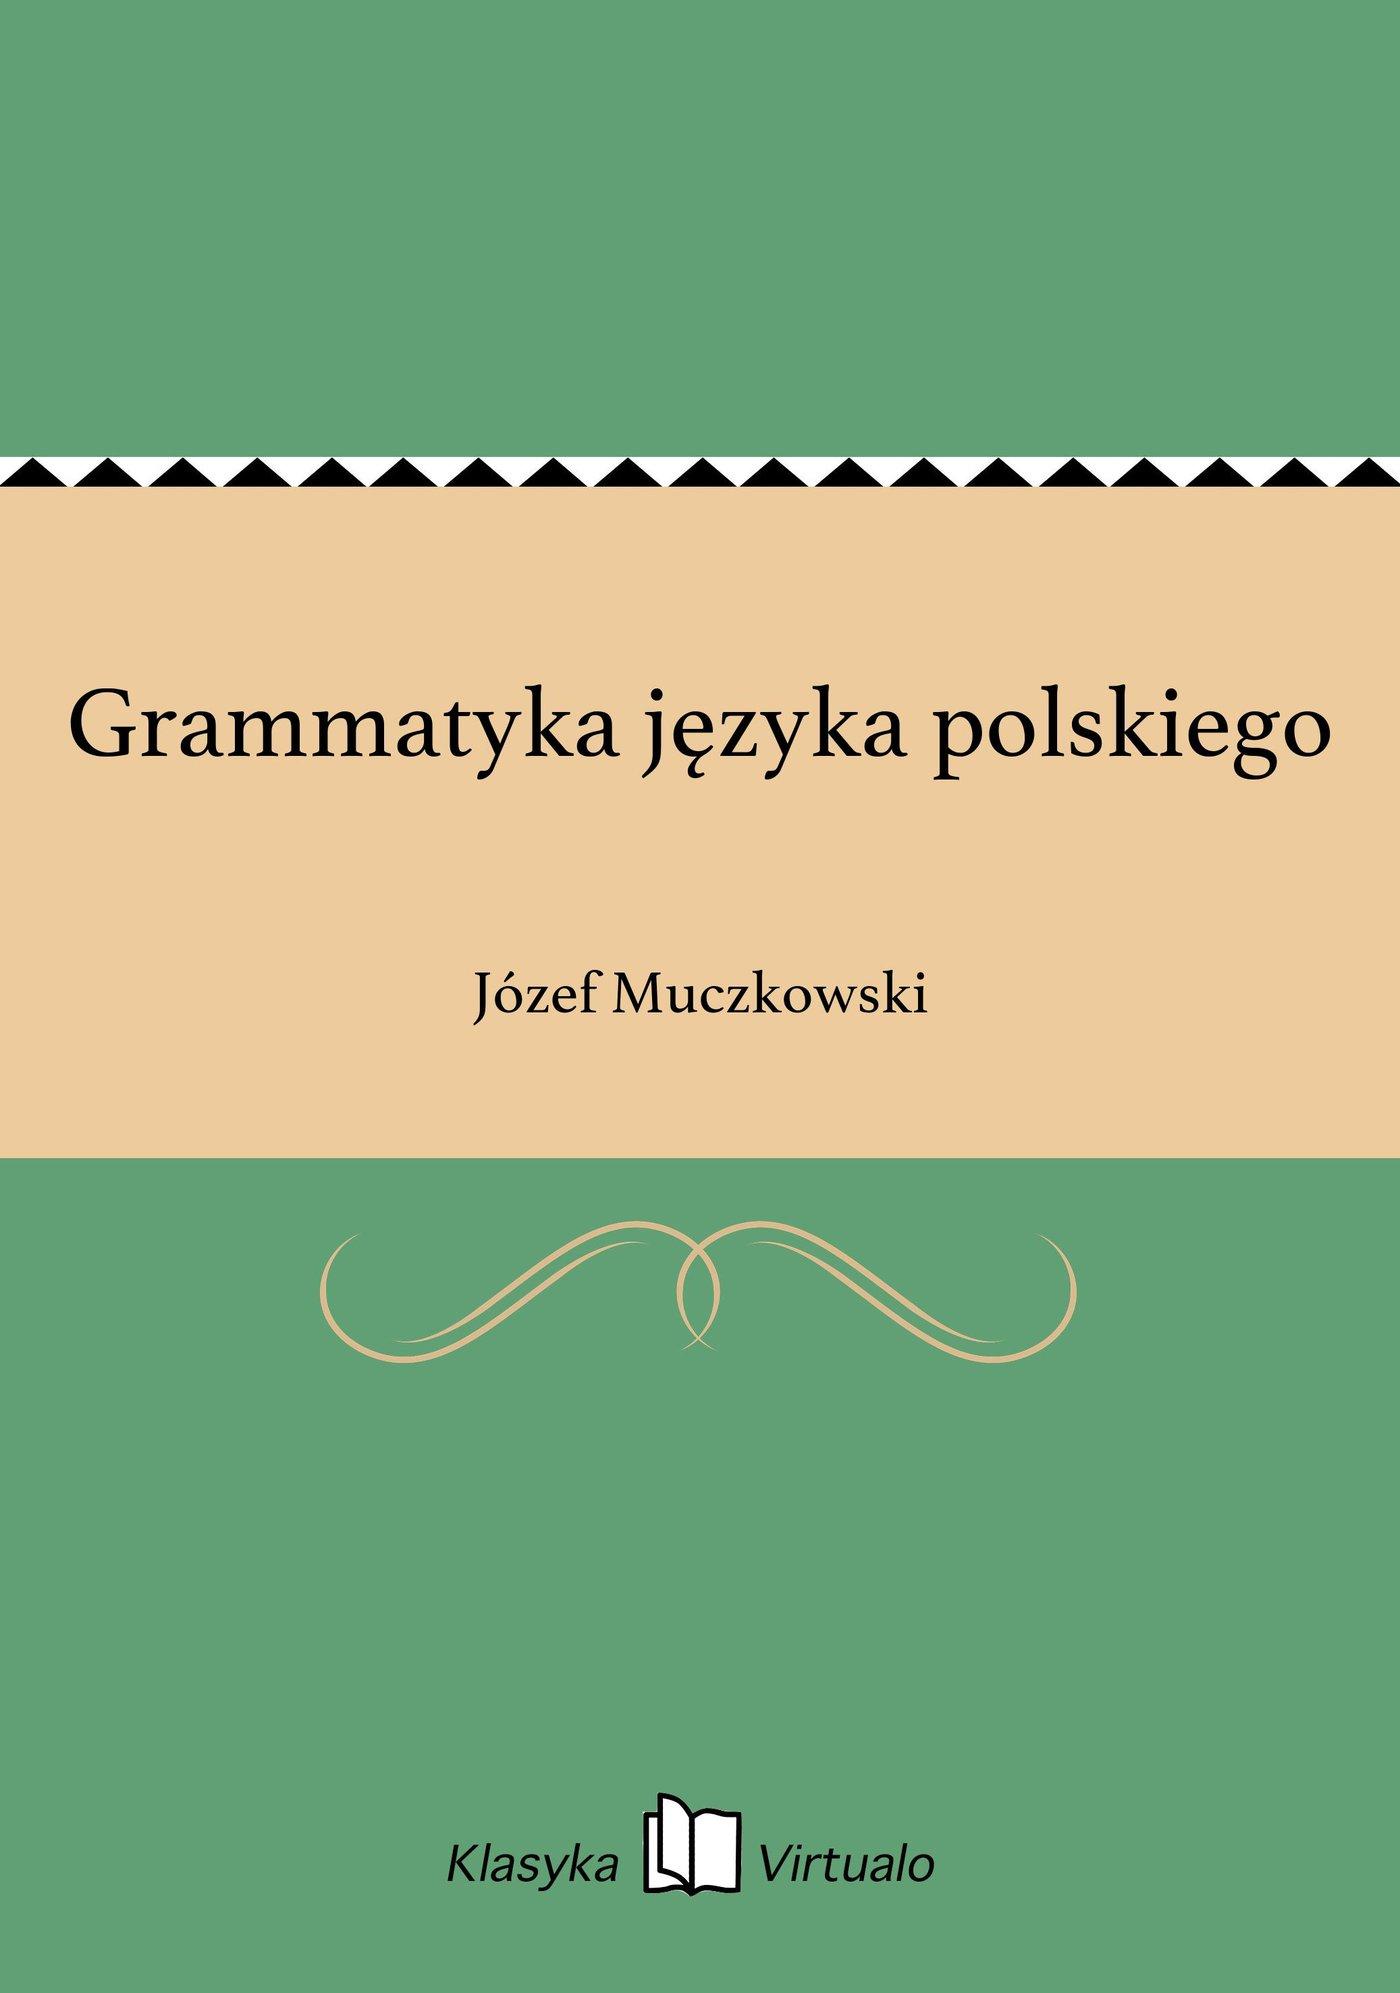 Grammatyka języka polskiego - Ebook (Książka na Kindle) do pobrania w formacie MOBI